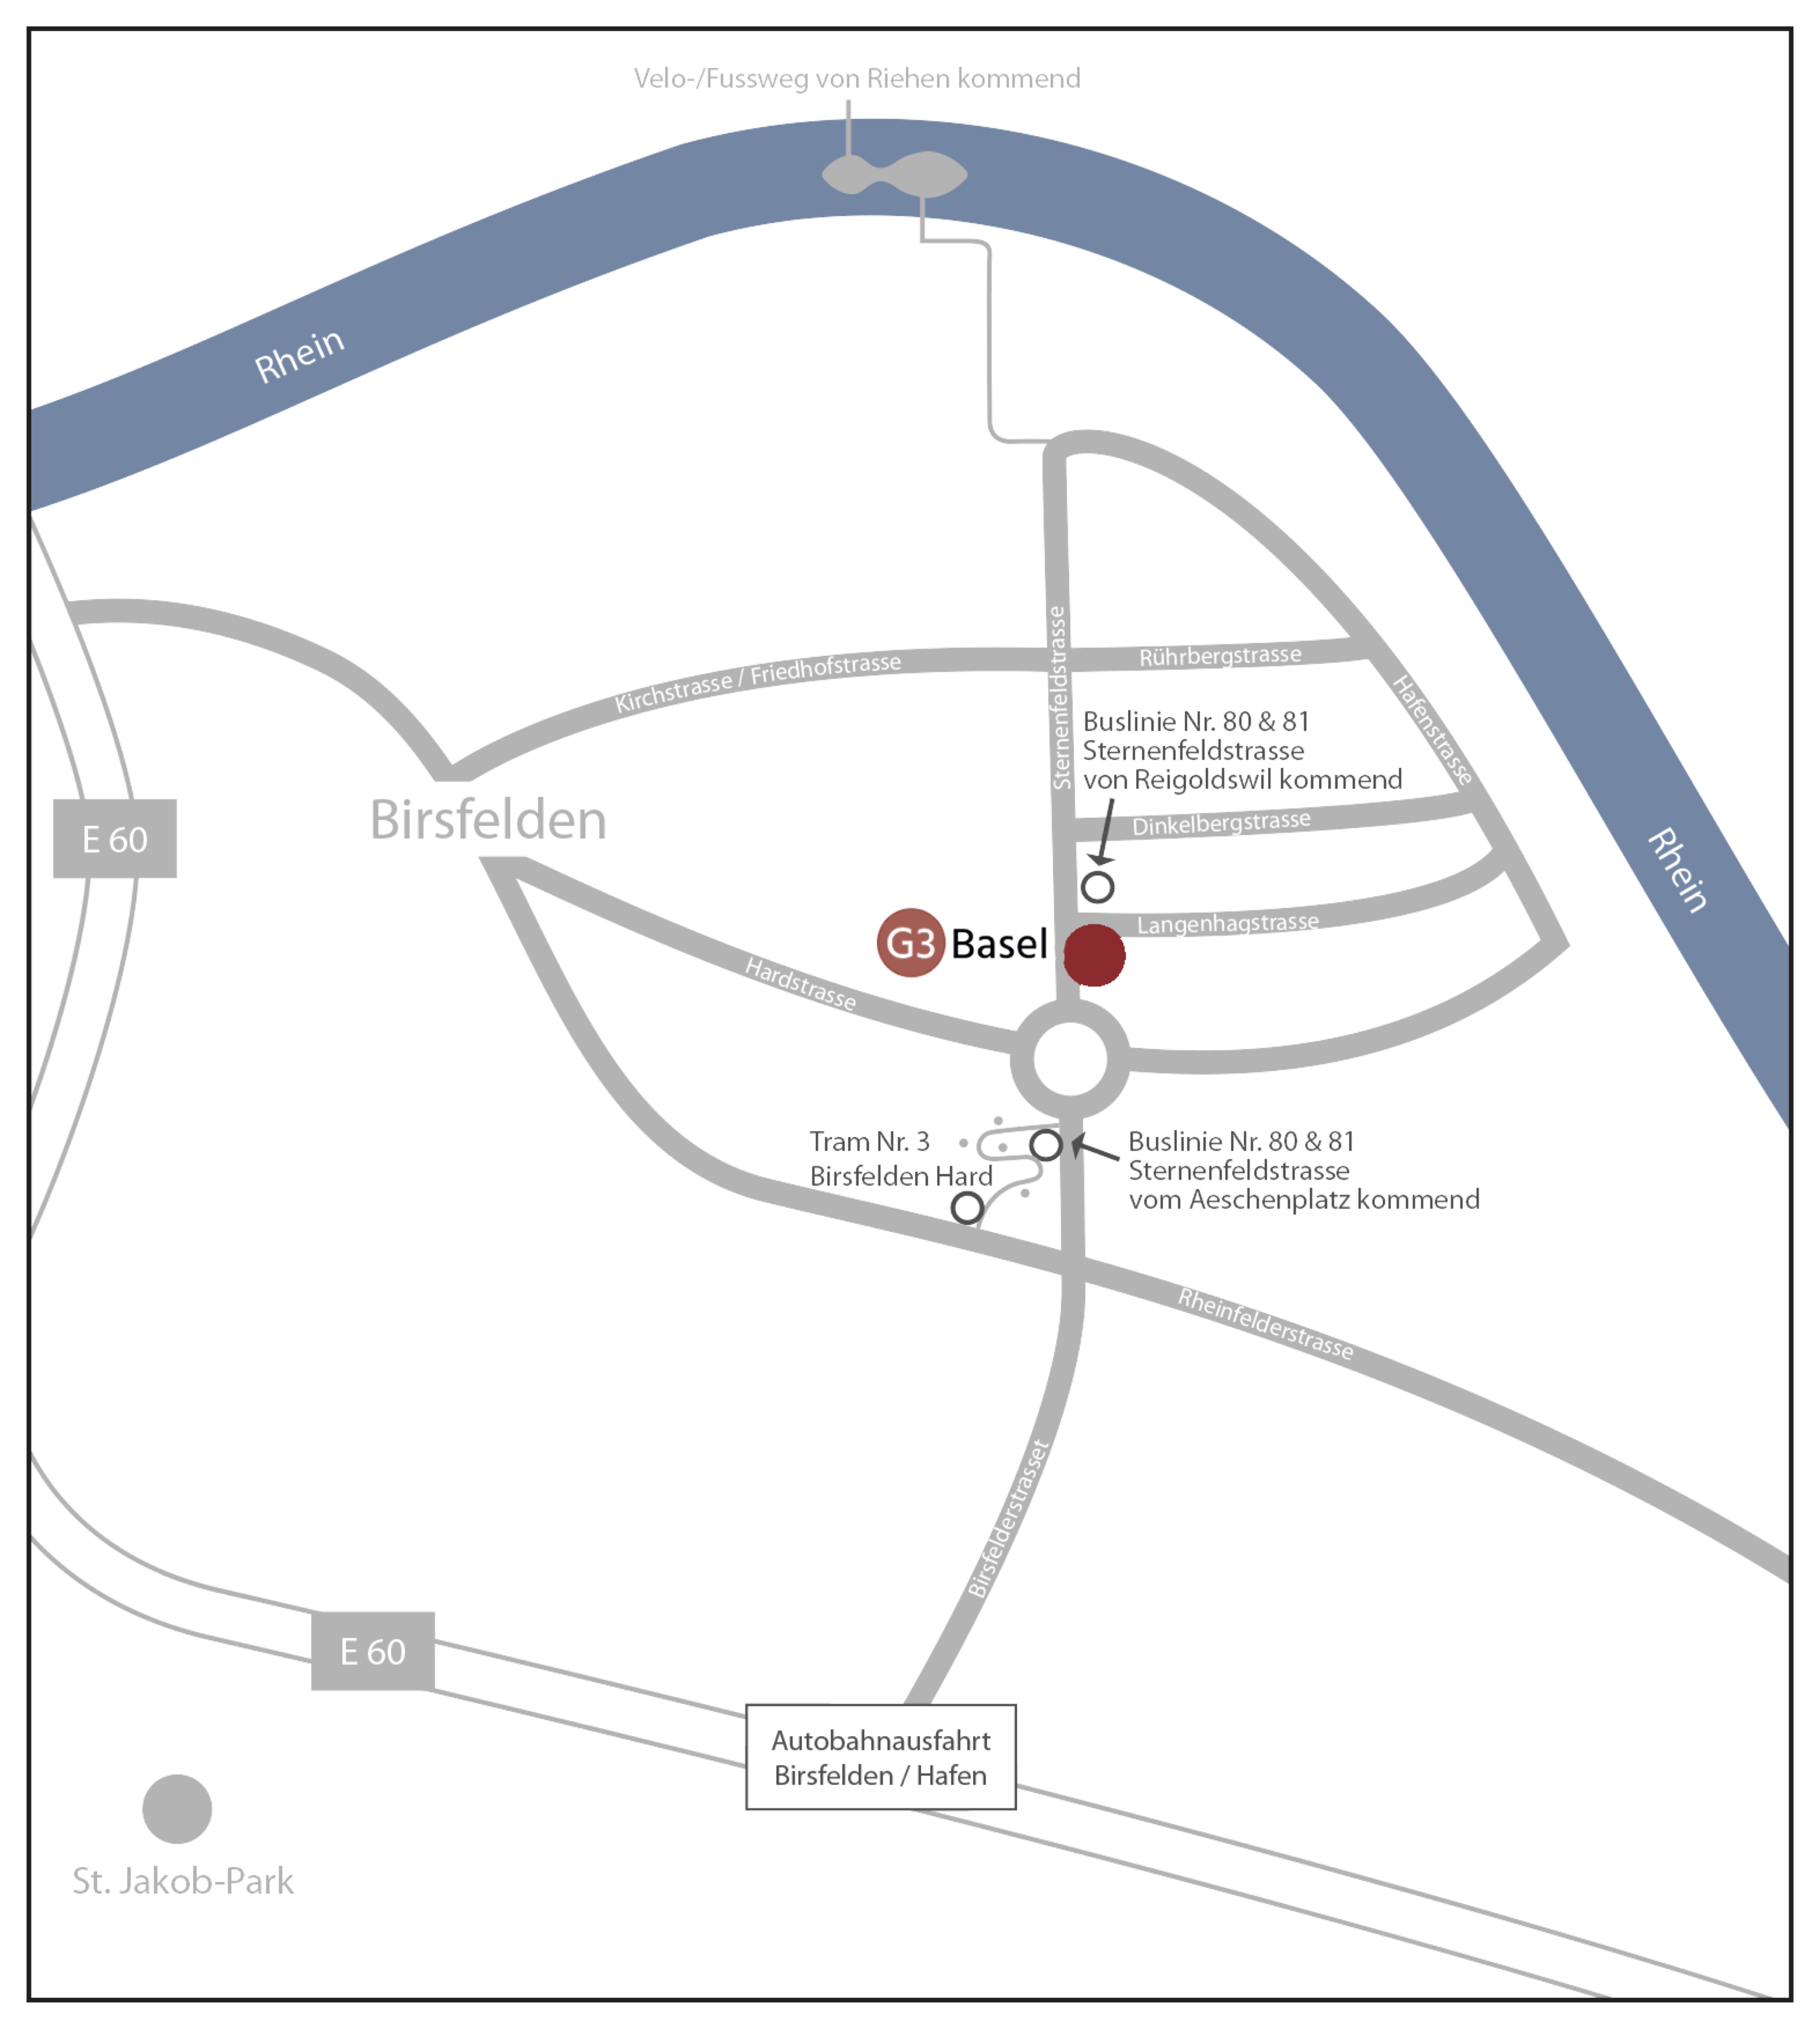 G3 Basel Wegbeschreibung